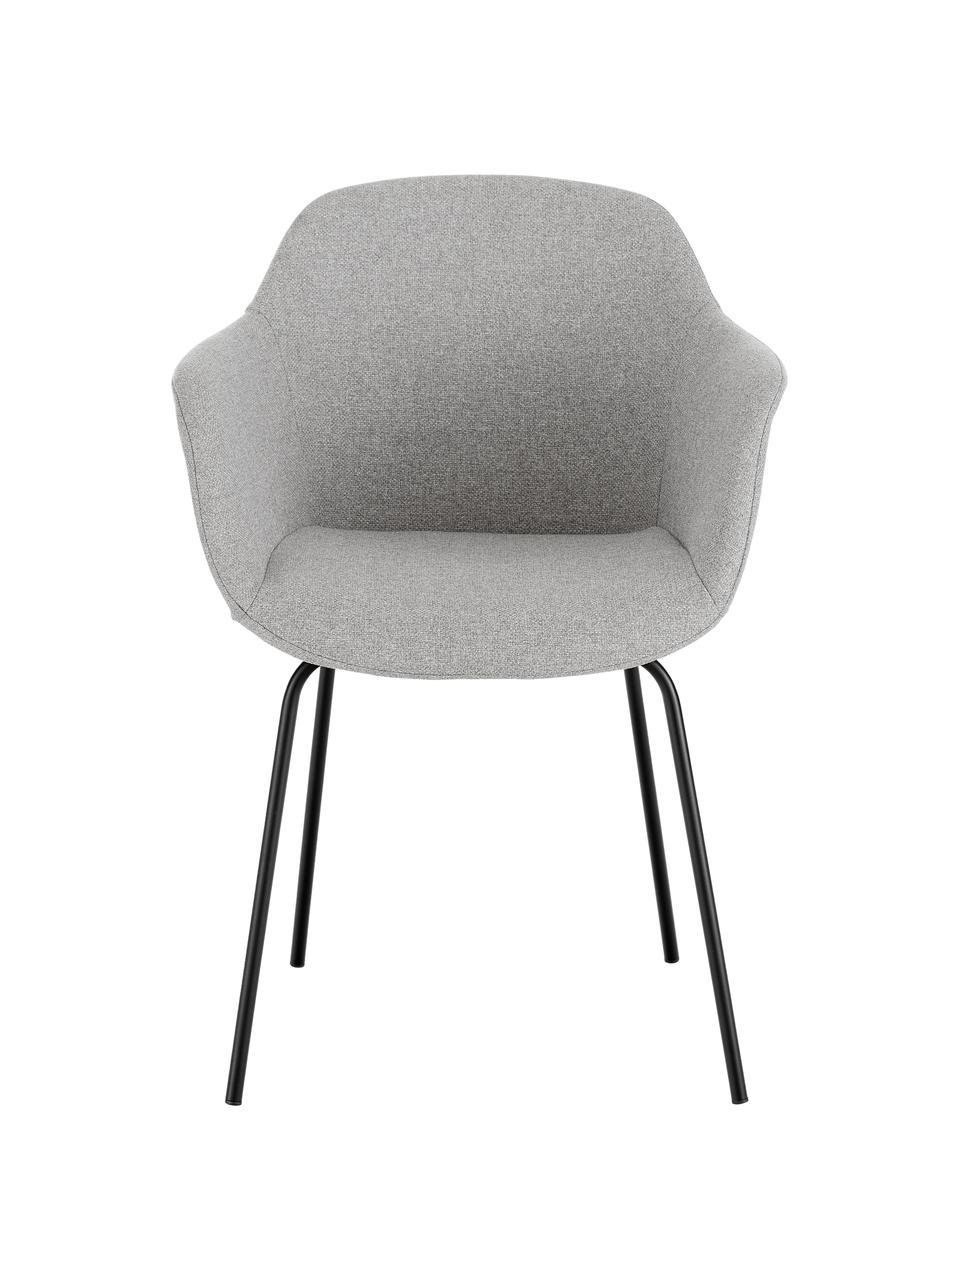 Krzesło z podłokietnikami z metalowymi nogami Fiji, Tapicerka: poliester Dzięki tkaninie, Nogi: metal malowany proszkowo, Jasny szary, S 58 x G 56 cm